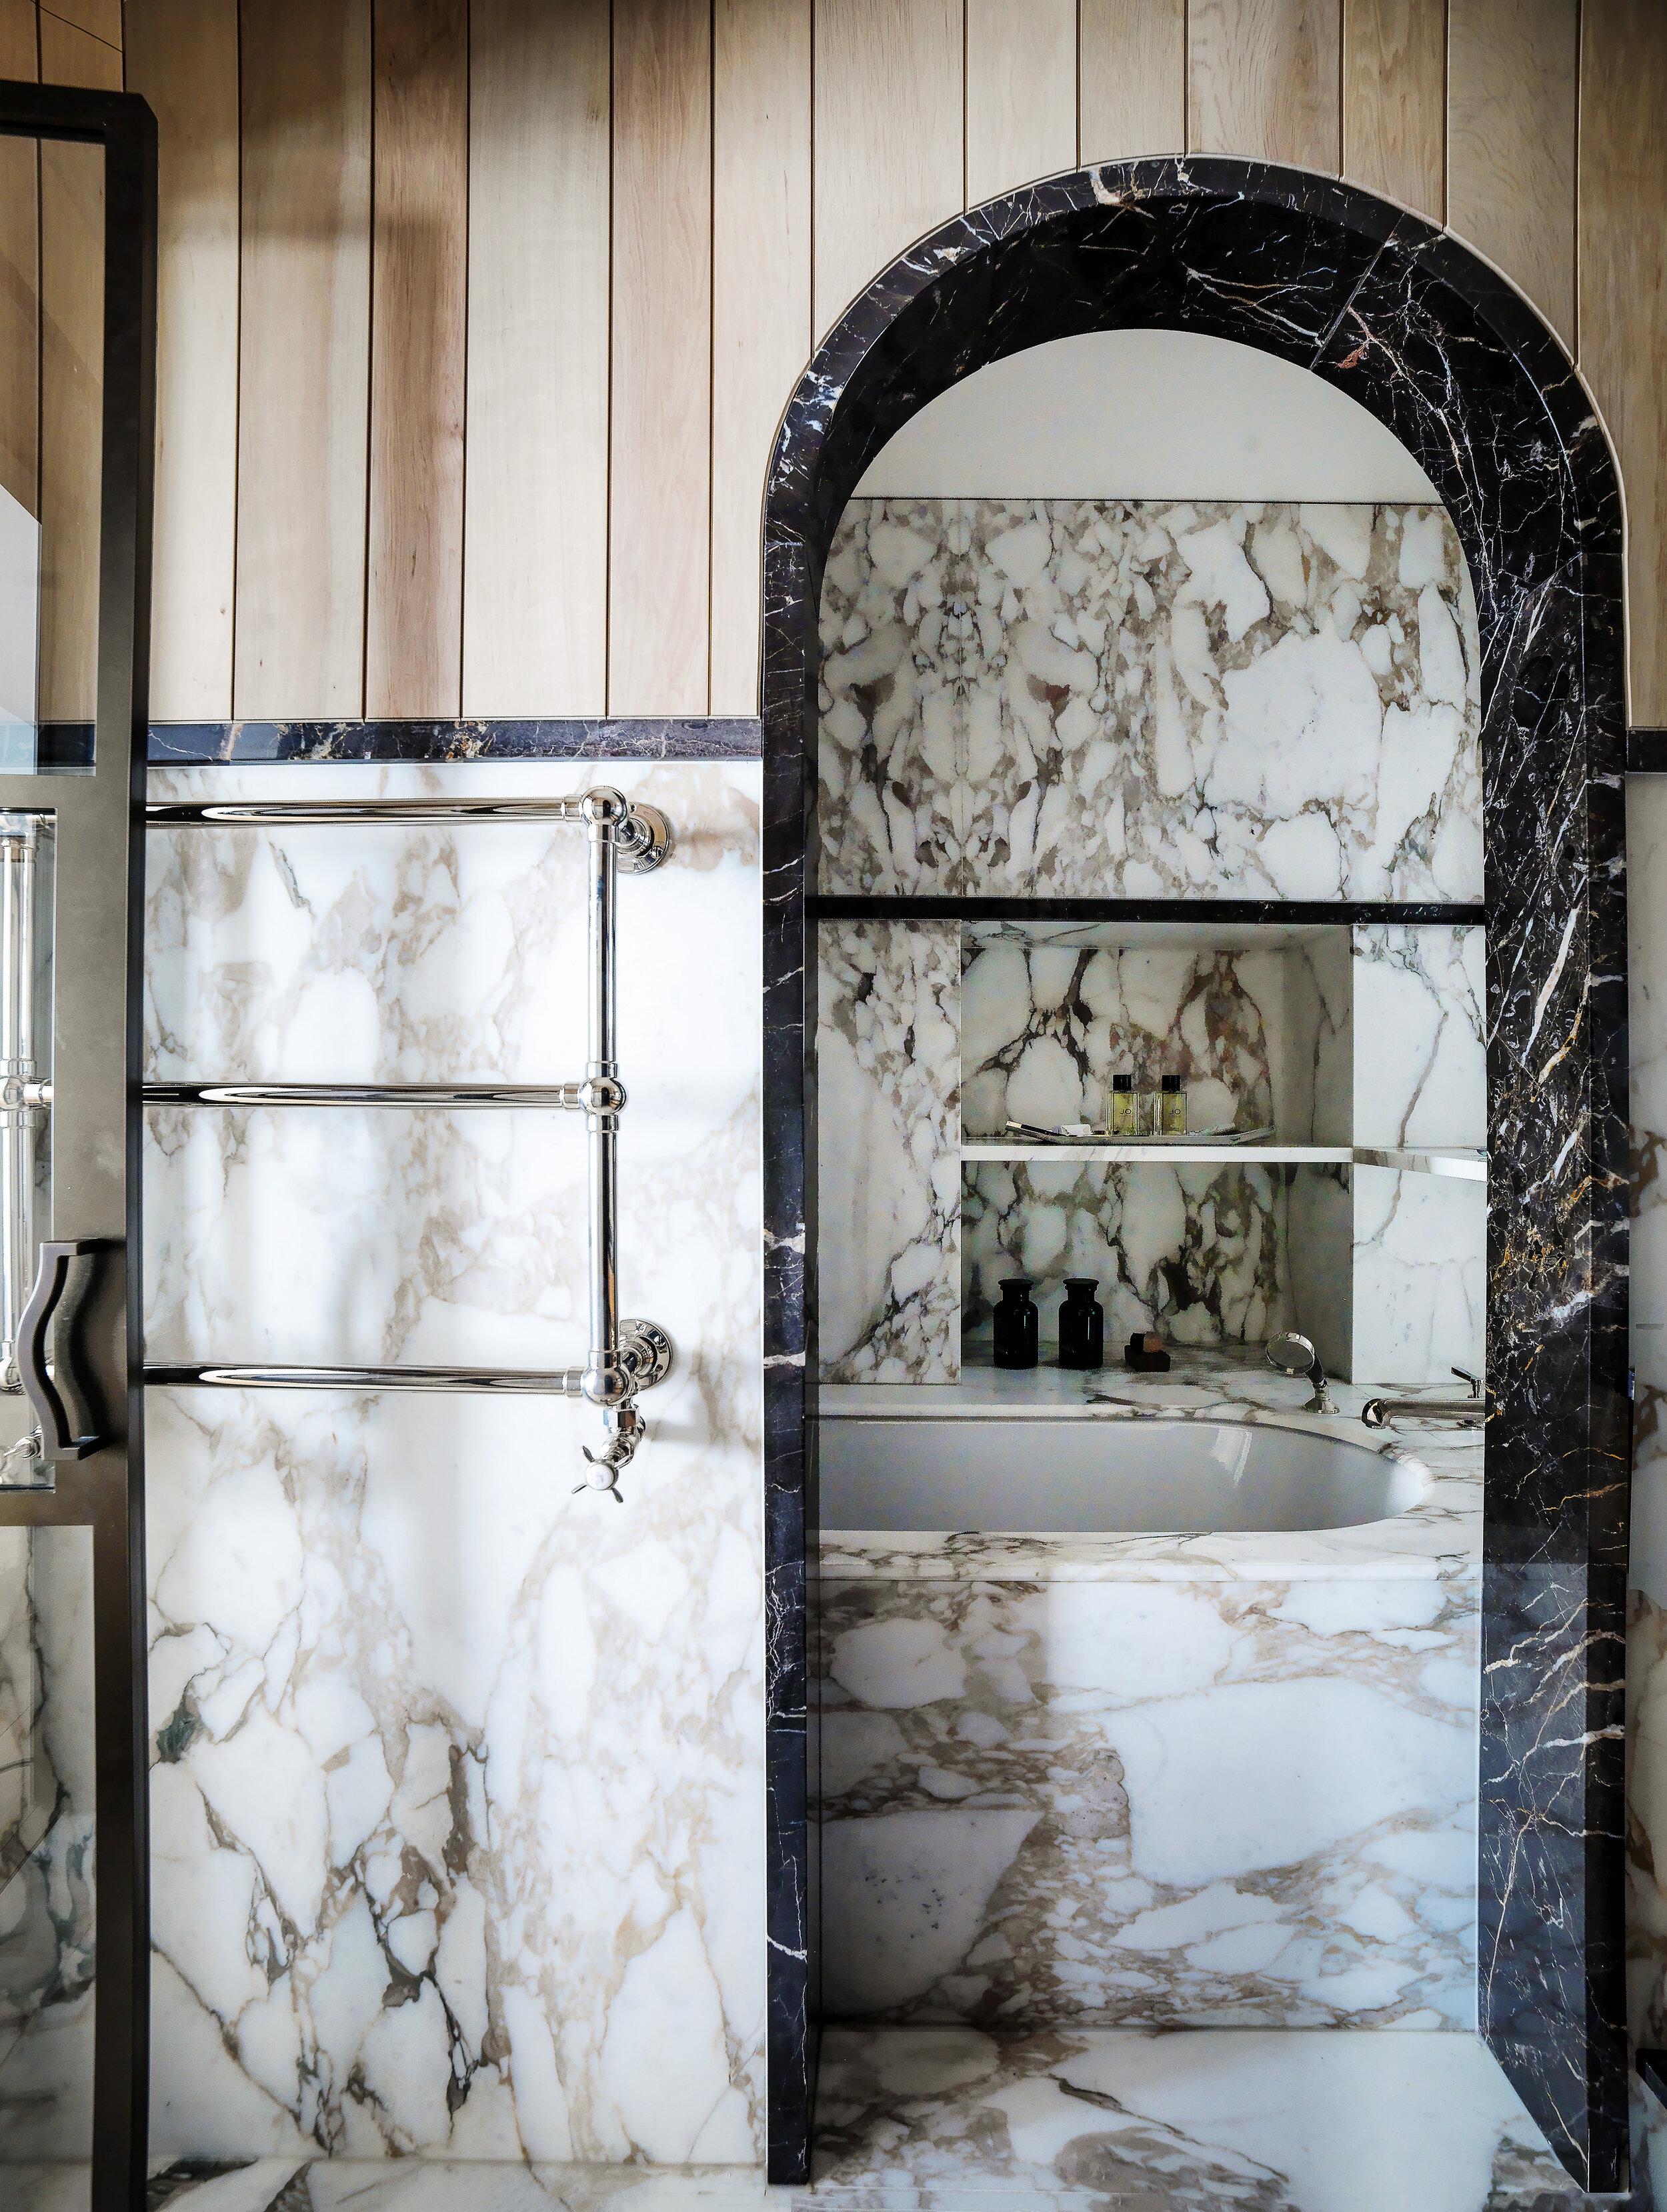 GB-Clifford-Street-Master-bathroom-Arch.jpg